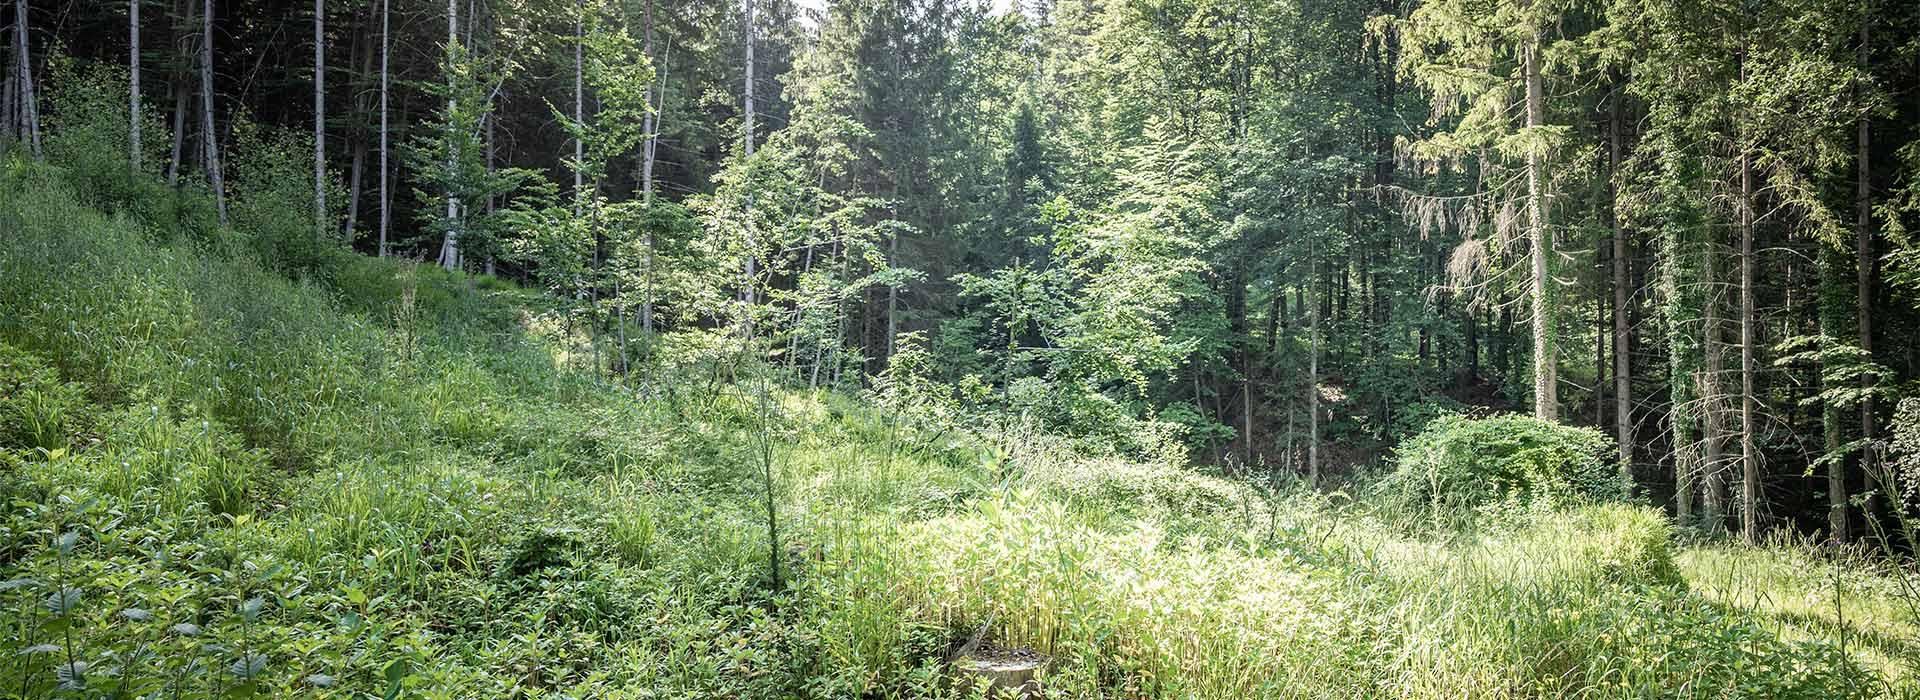 Forstpflege Salzburg Aufforstungsarbeiten Glück Forstservice - Entfernung von Schädlingen